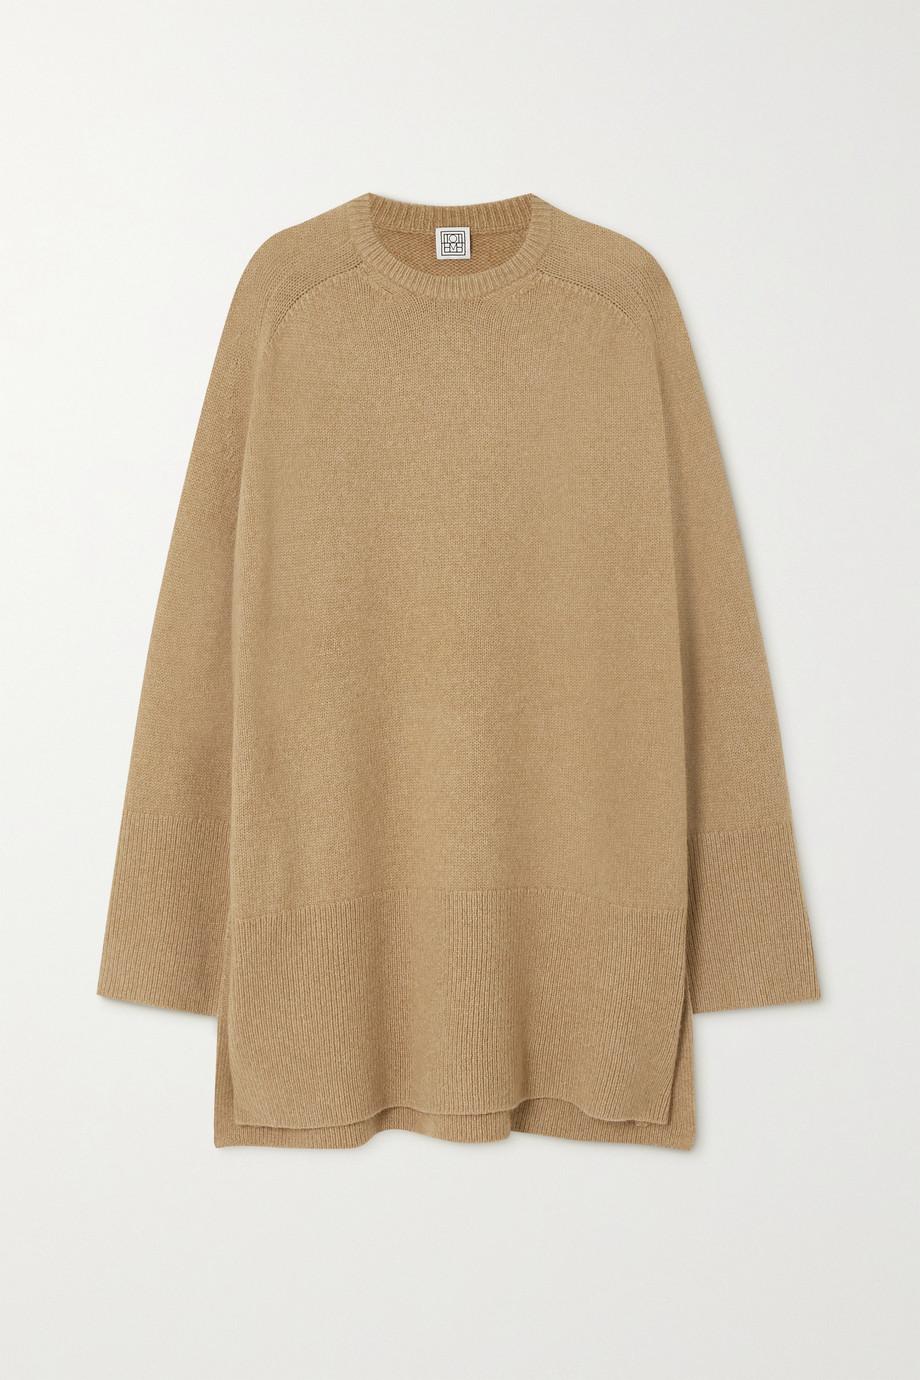 Totême Pull oversize en laine mélangée à mailles torsadées